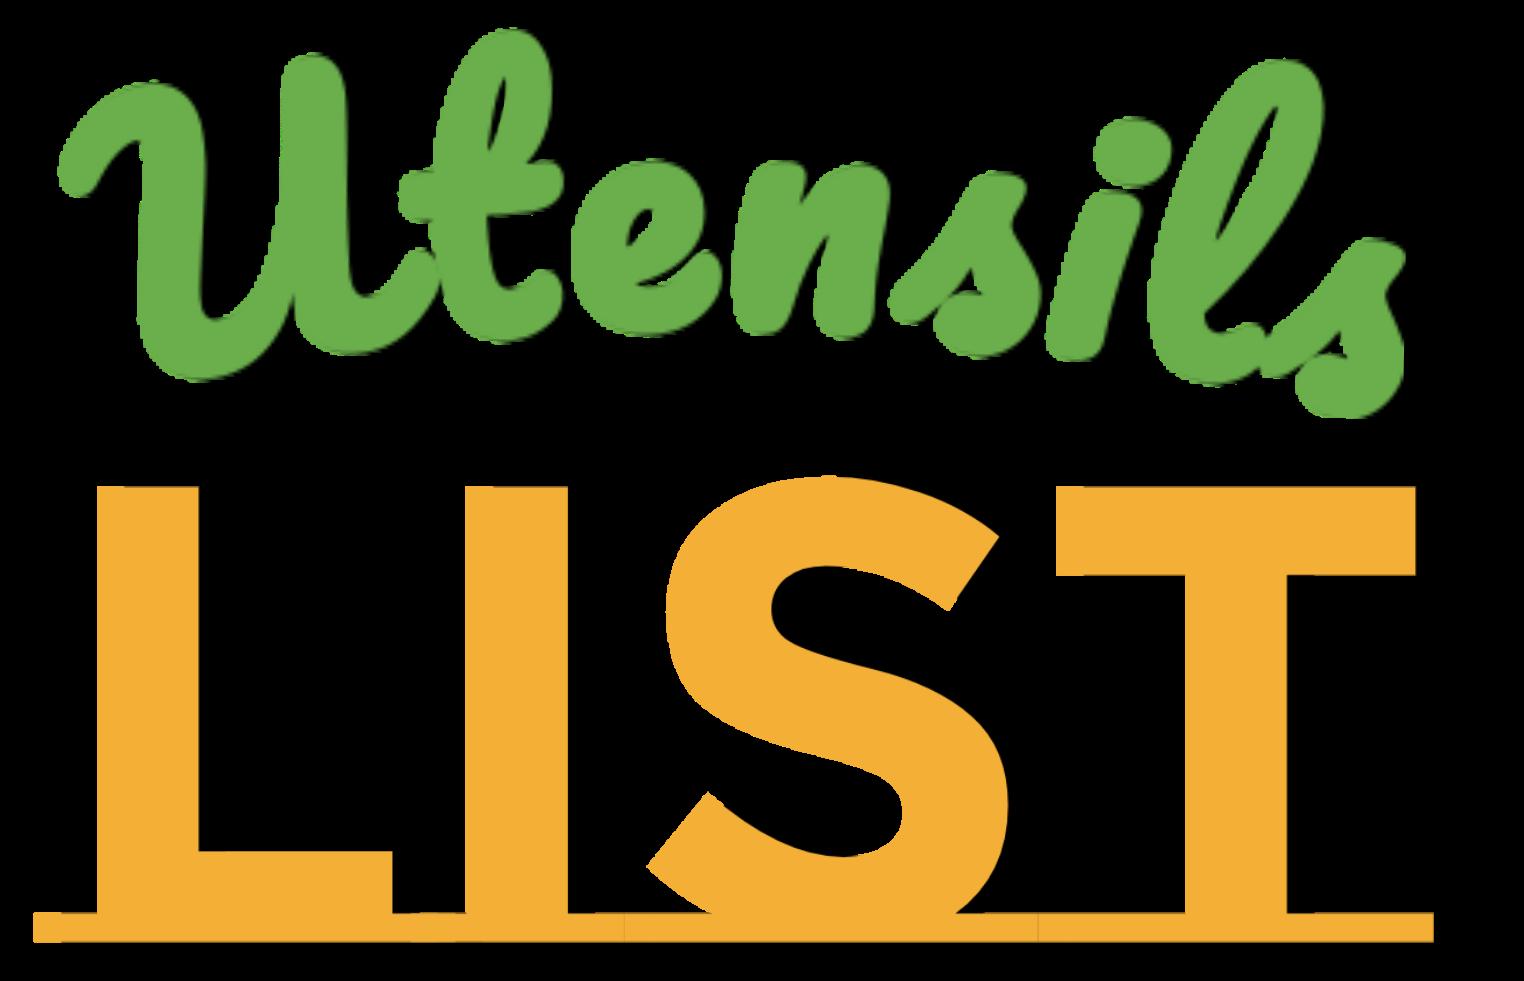 Utensils List